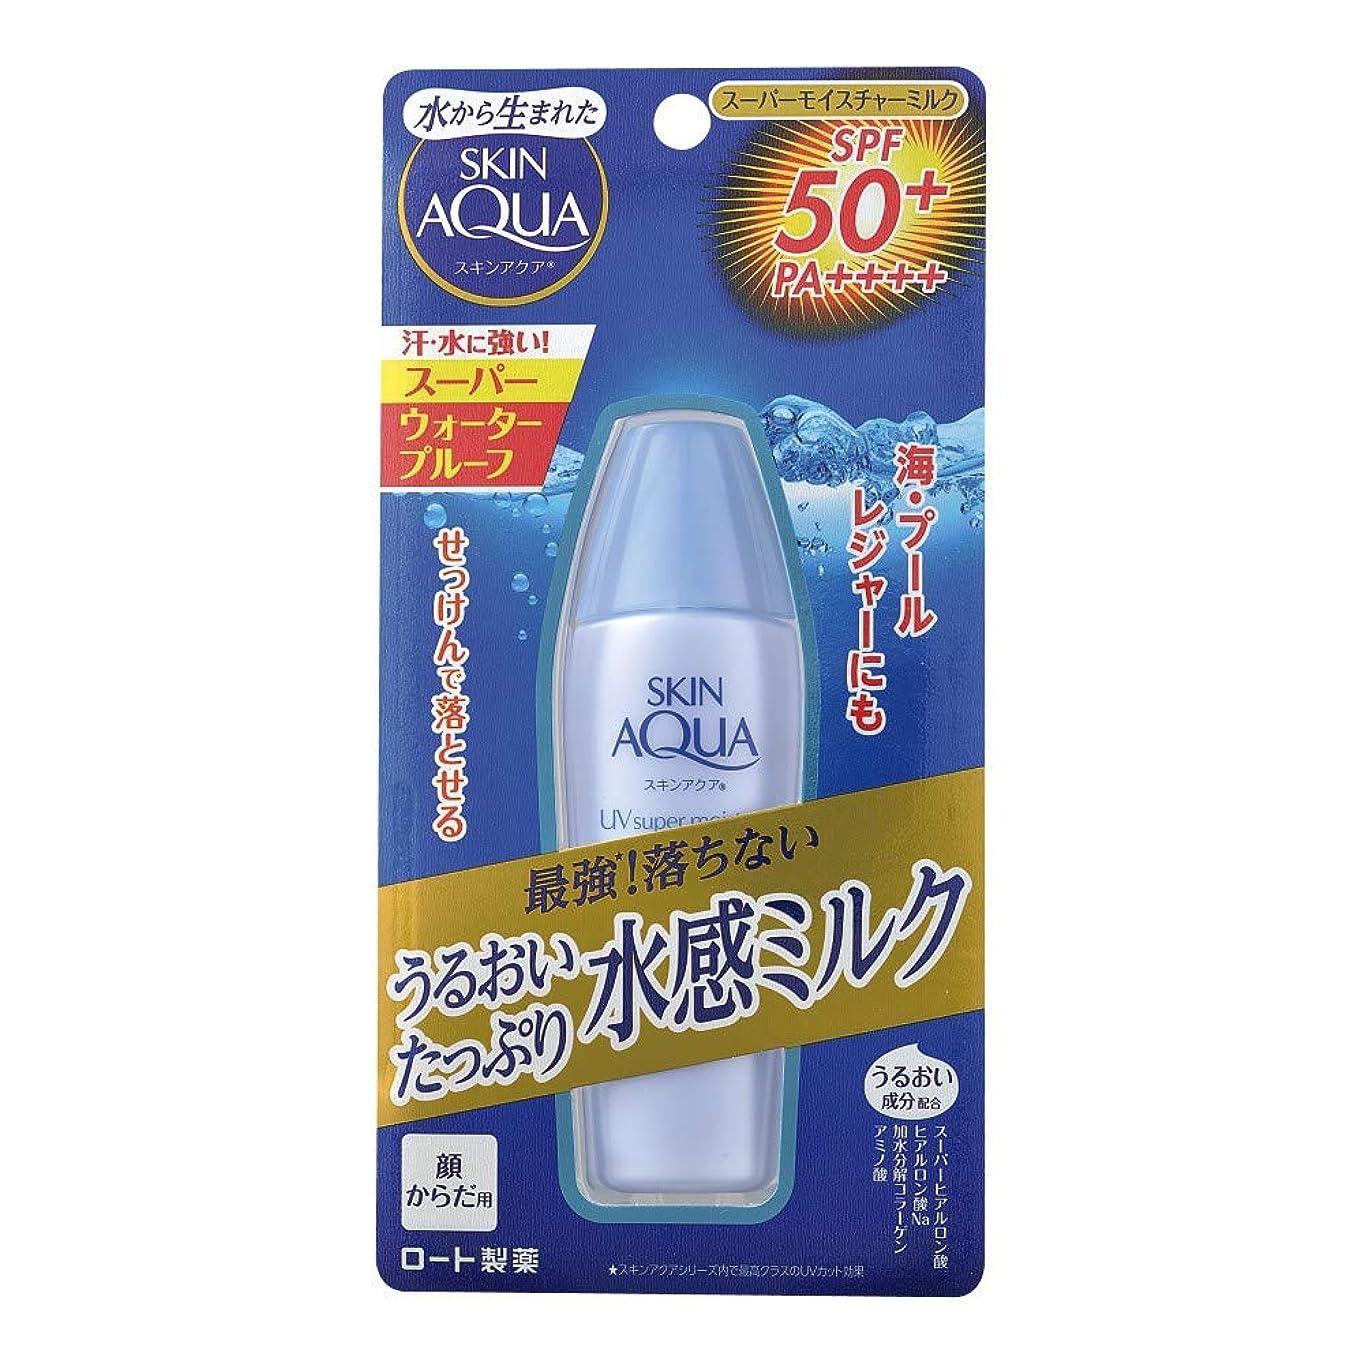 ソーシャルはしごリダクタースキンアクア (SKIN AQUA) 日焼け止め スーパーモイスチャーミルク 潤い成分4種配合 水感ミルク (SPF50 PA++++) 40mL ※スーパーウォータープルーフ